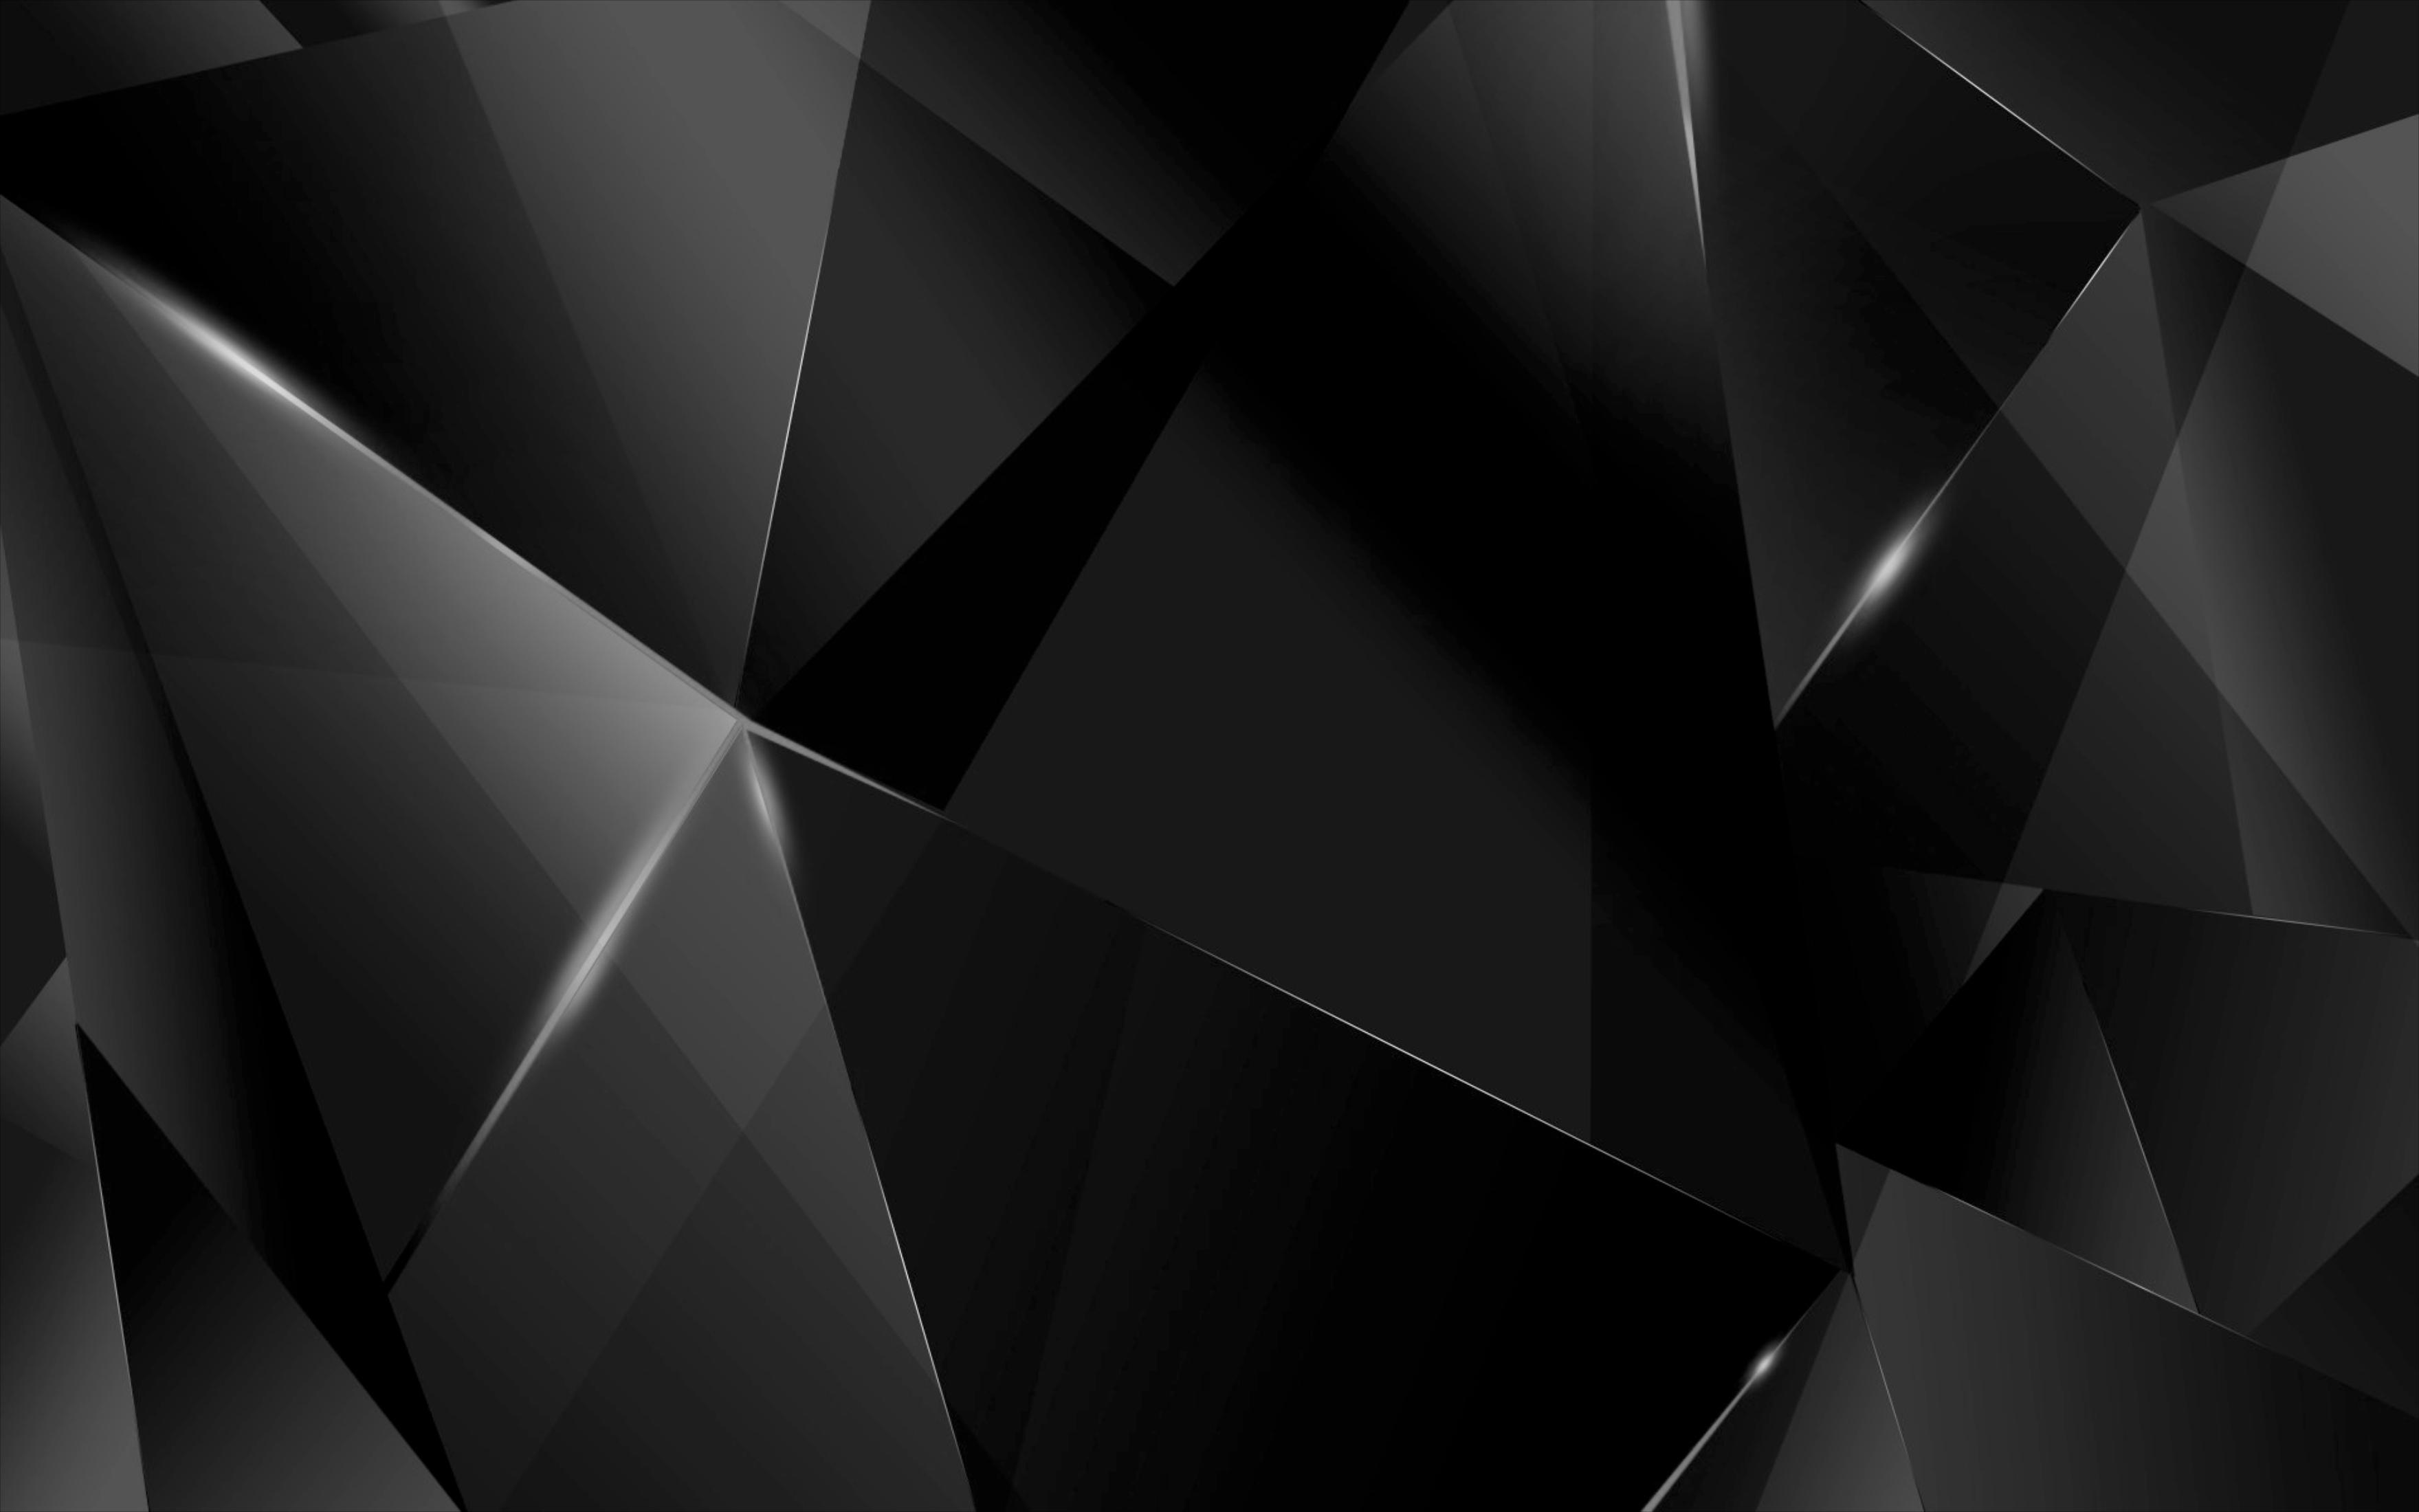 Wallpapers Pg 33 Google Nexus 4 3519x2200